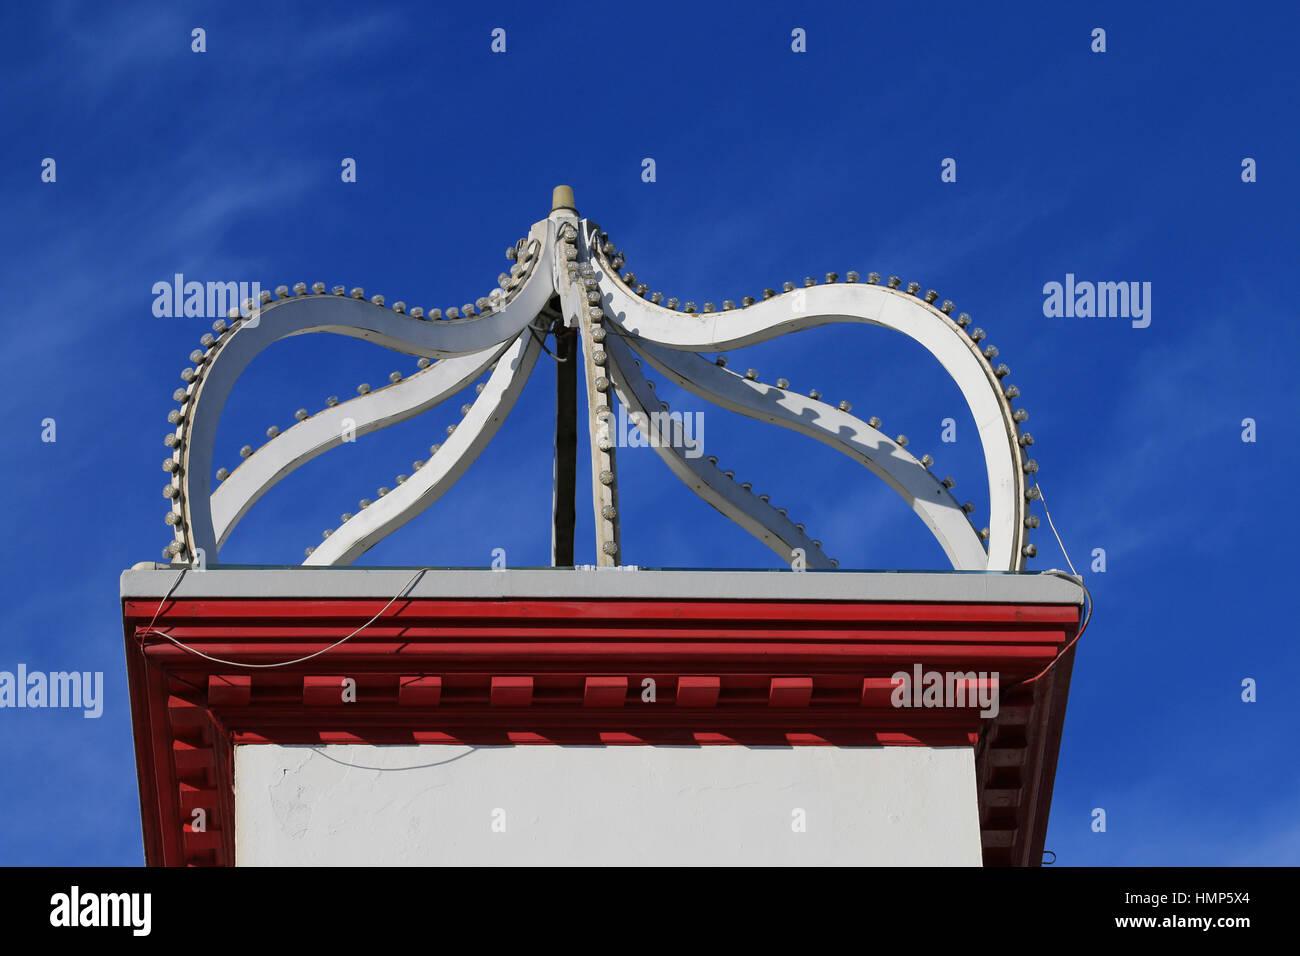 Architektonische Besonderheit gebildet von Kurven auf eine Spielhalle Stockfoto